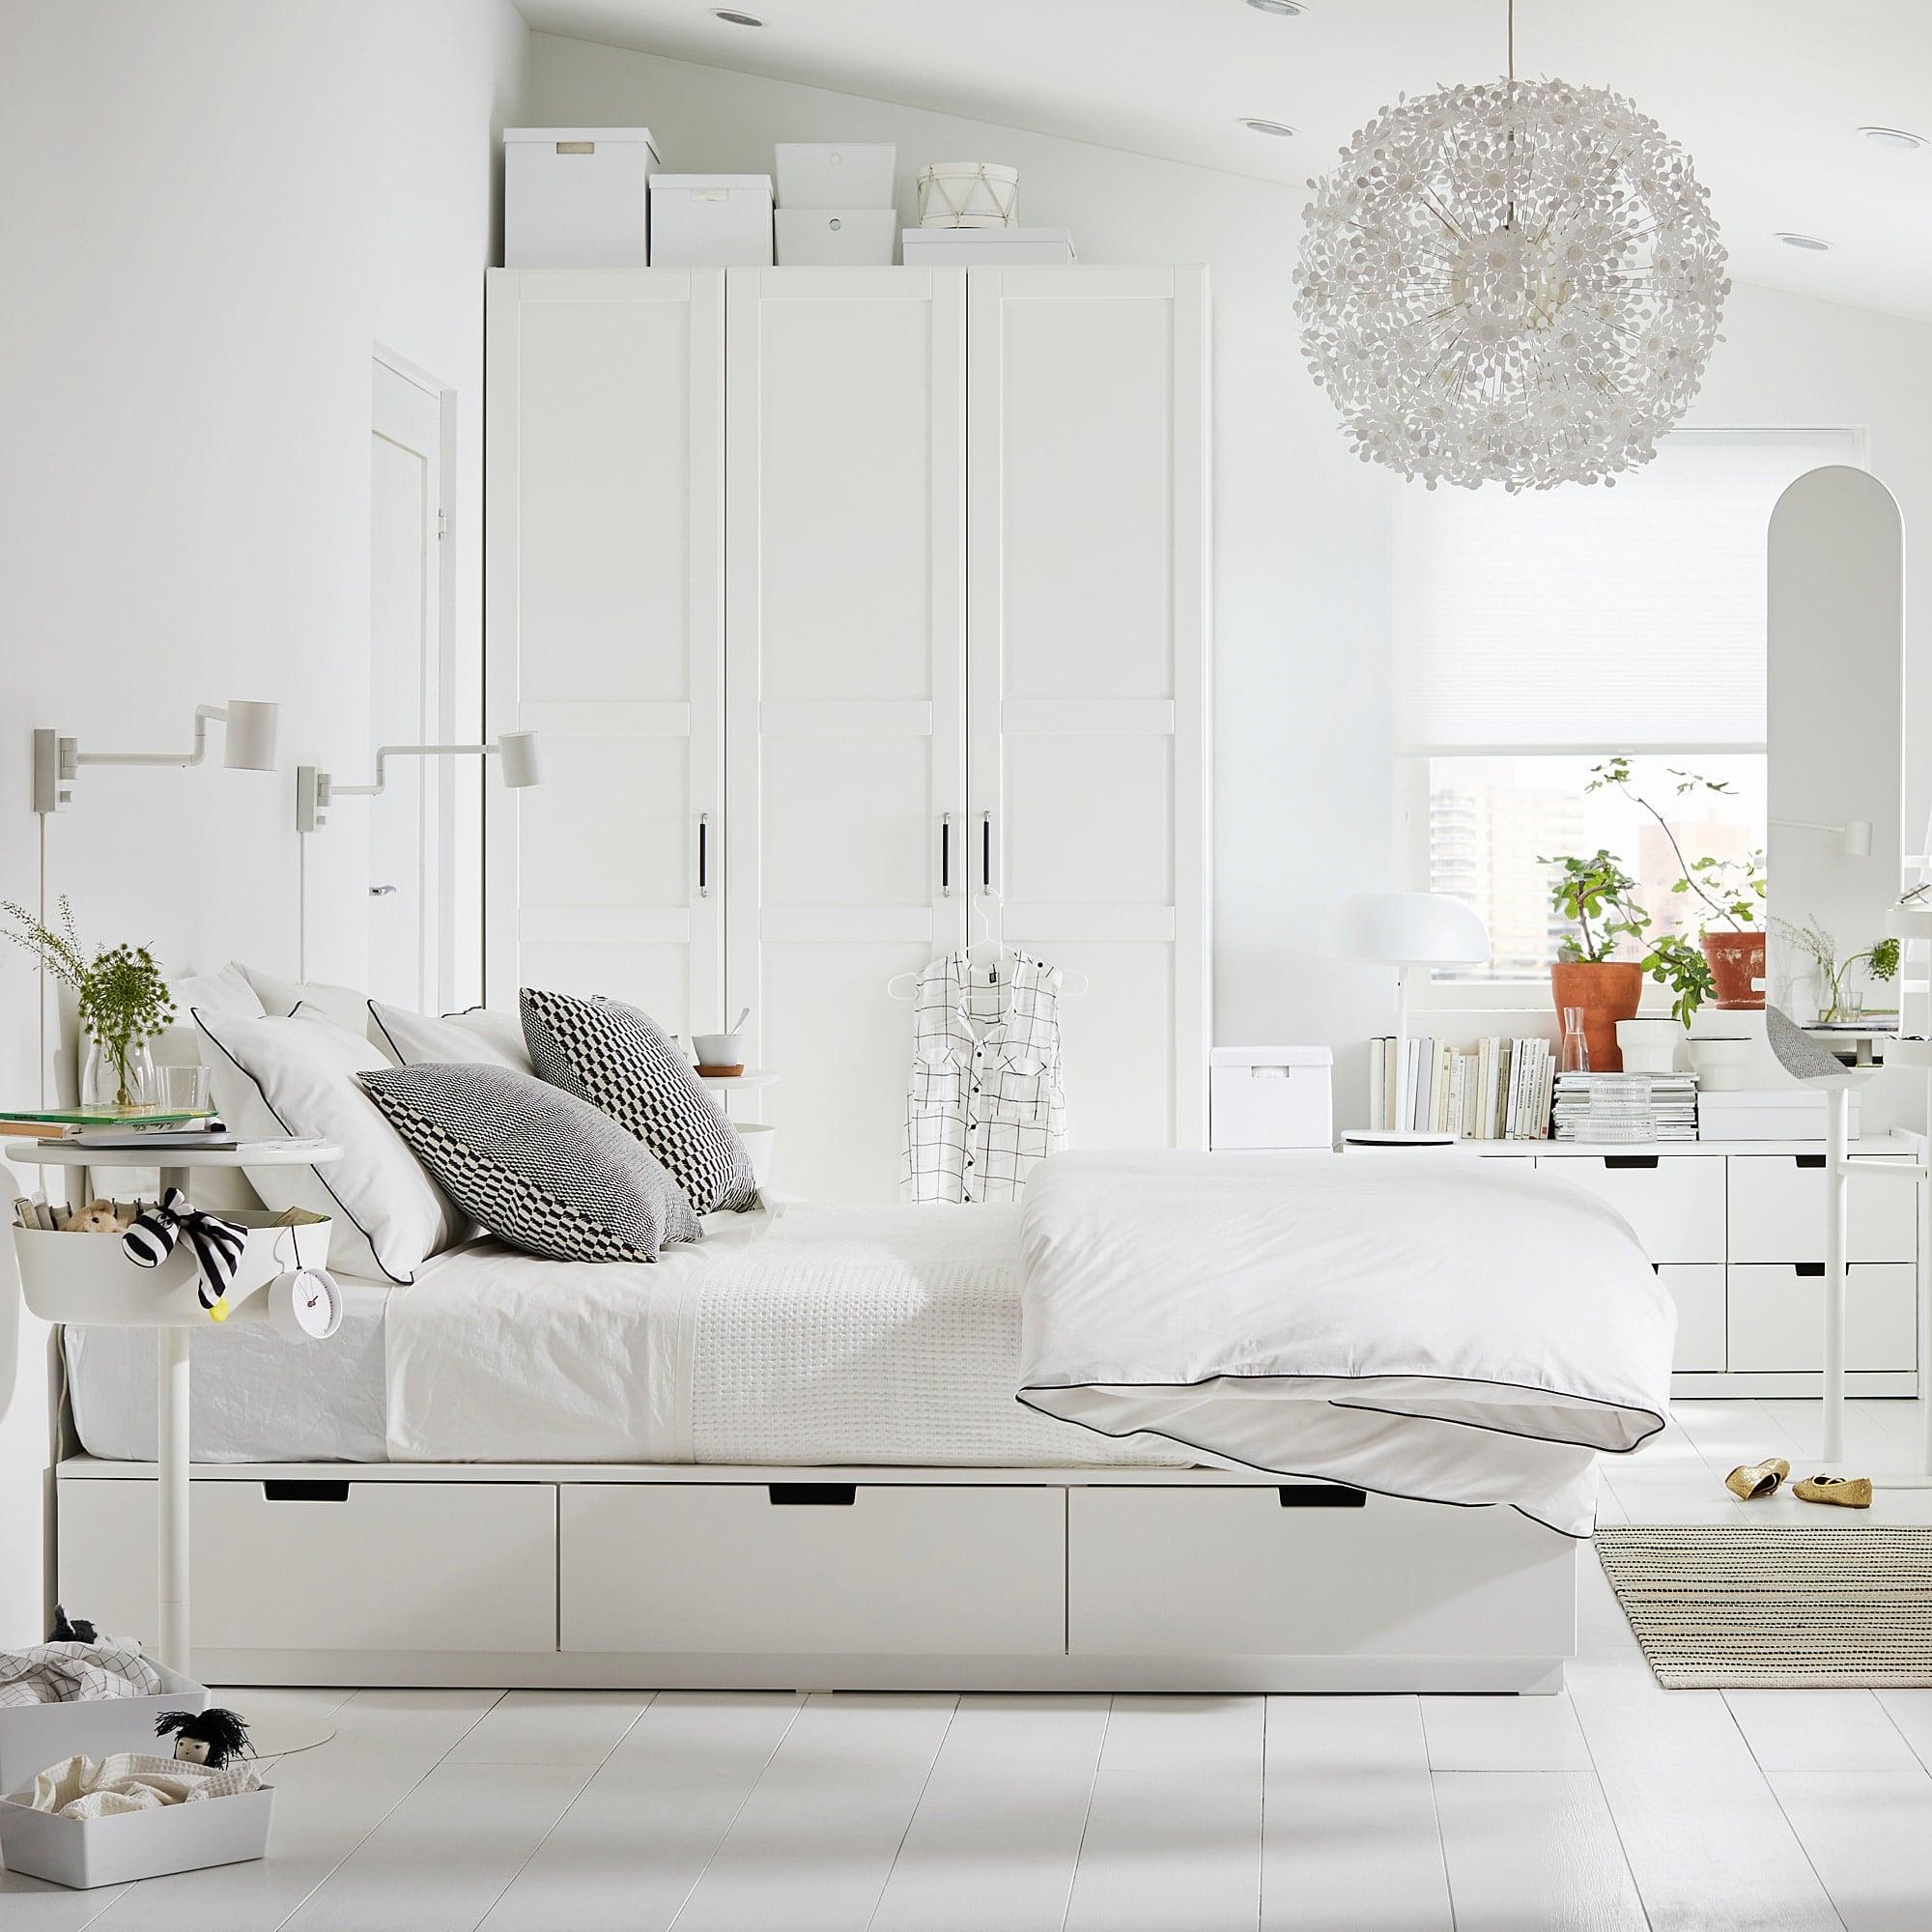 Furnishings | Ikea bedroom furniture